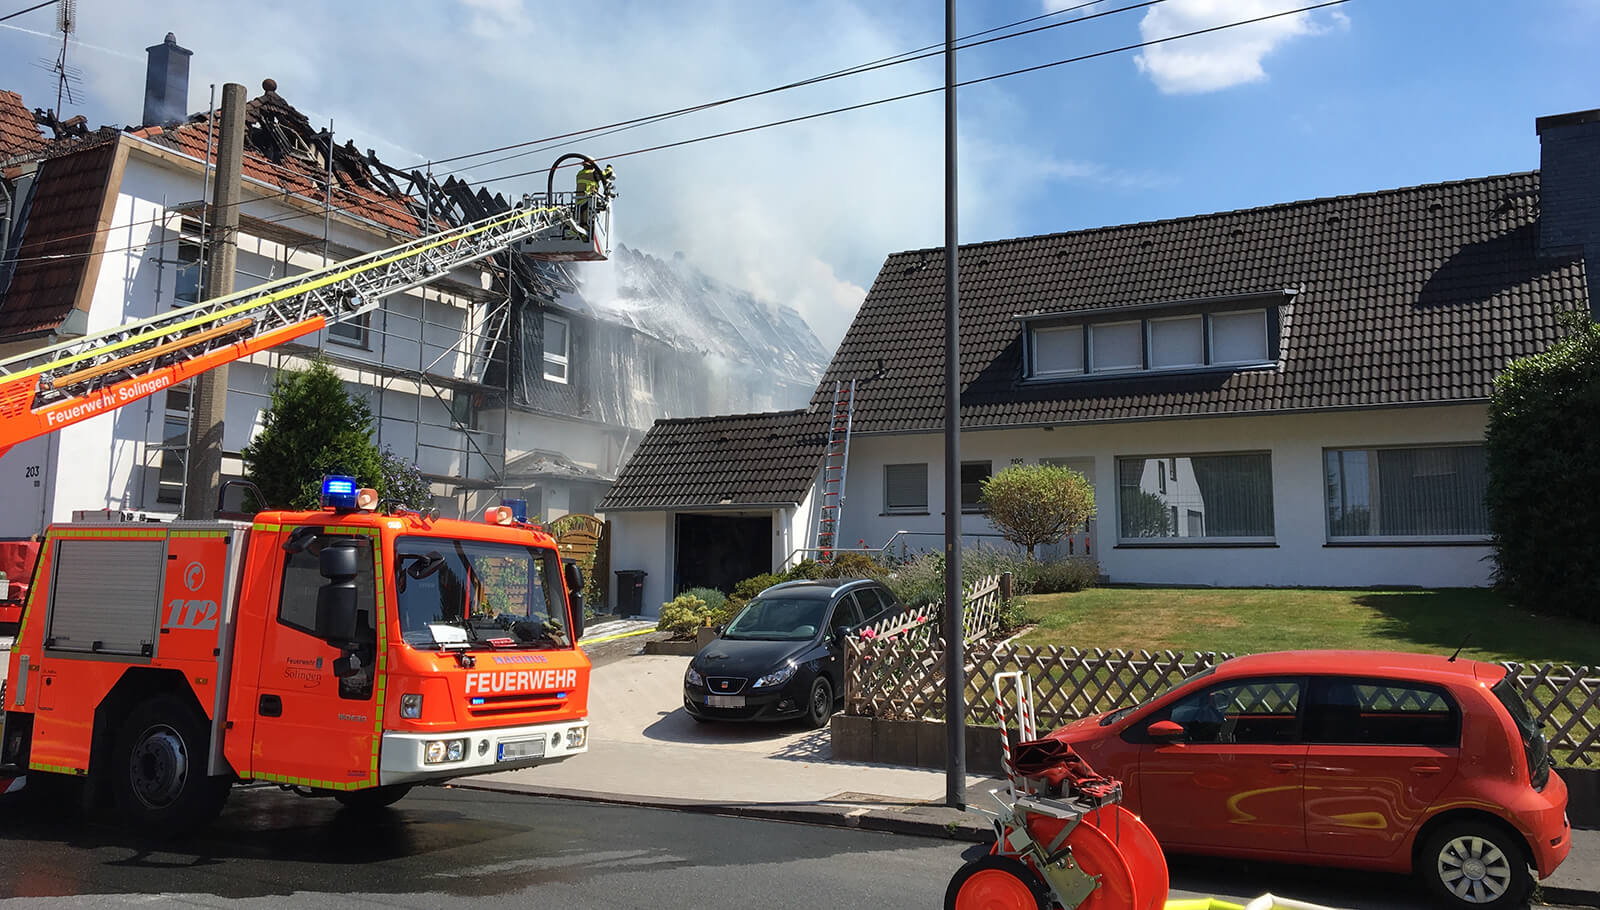 Dachbrand eines Hauses mit Solar-Anlagen in Solingen